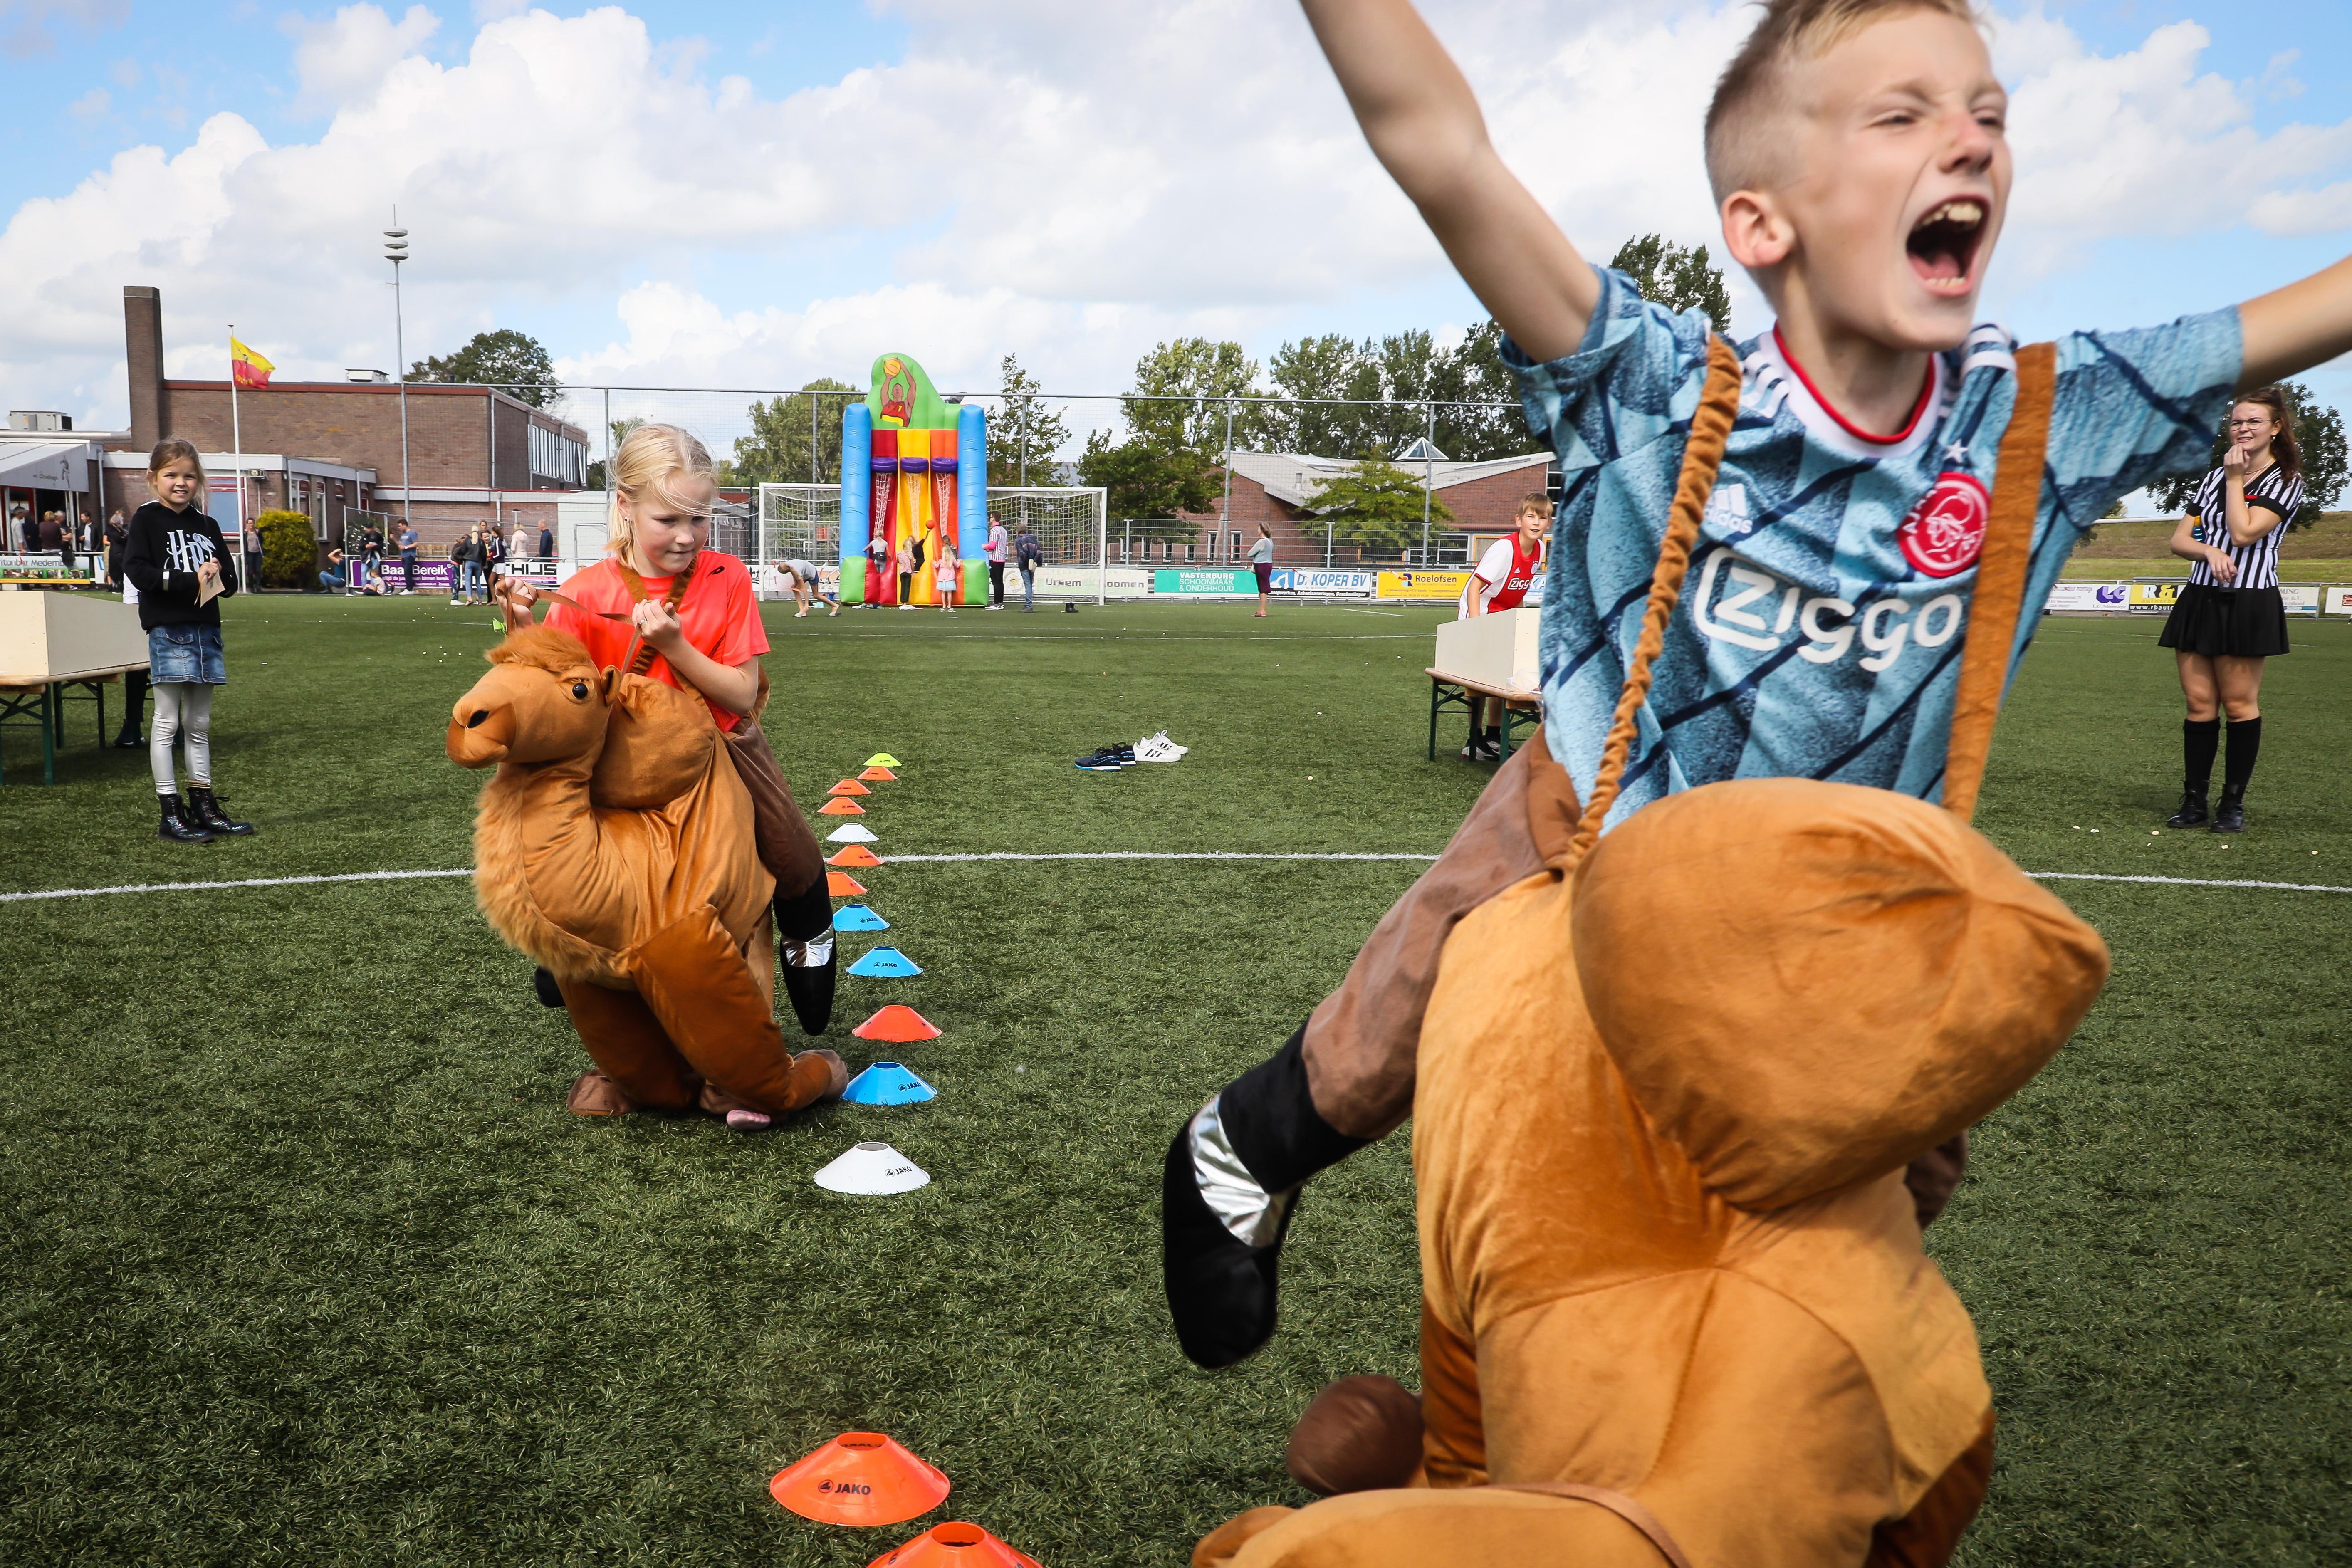 Onderdijk maakt er met Keuterkermis Games voor jong en oud toch een leuk weekend van: 'Dorp heeft dit ook écht wel nodig'